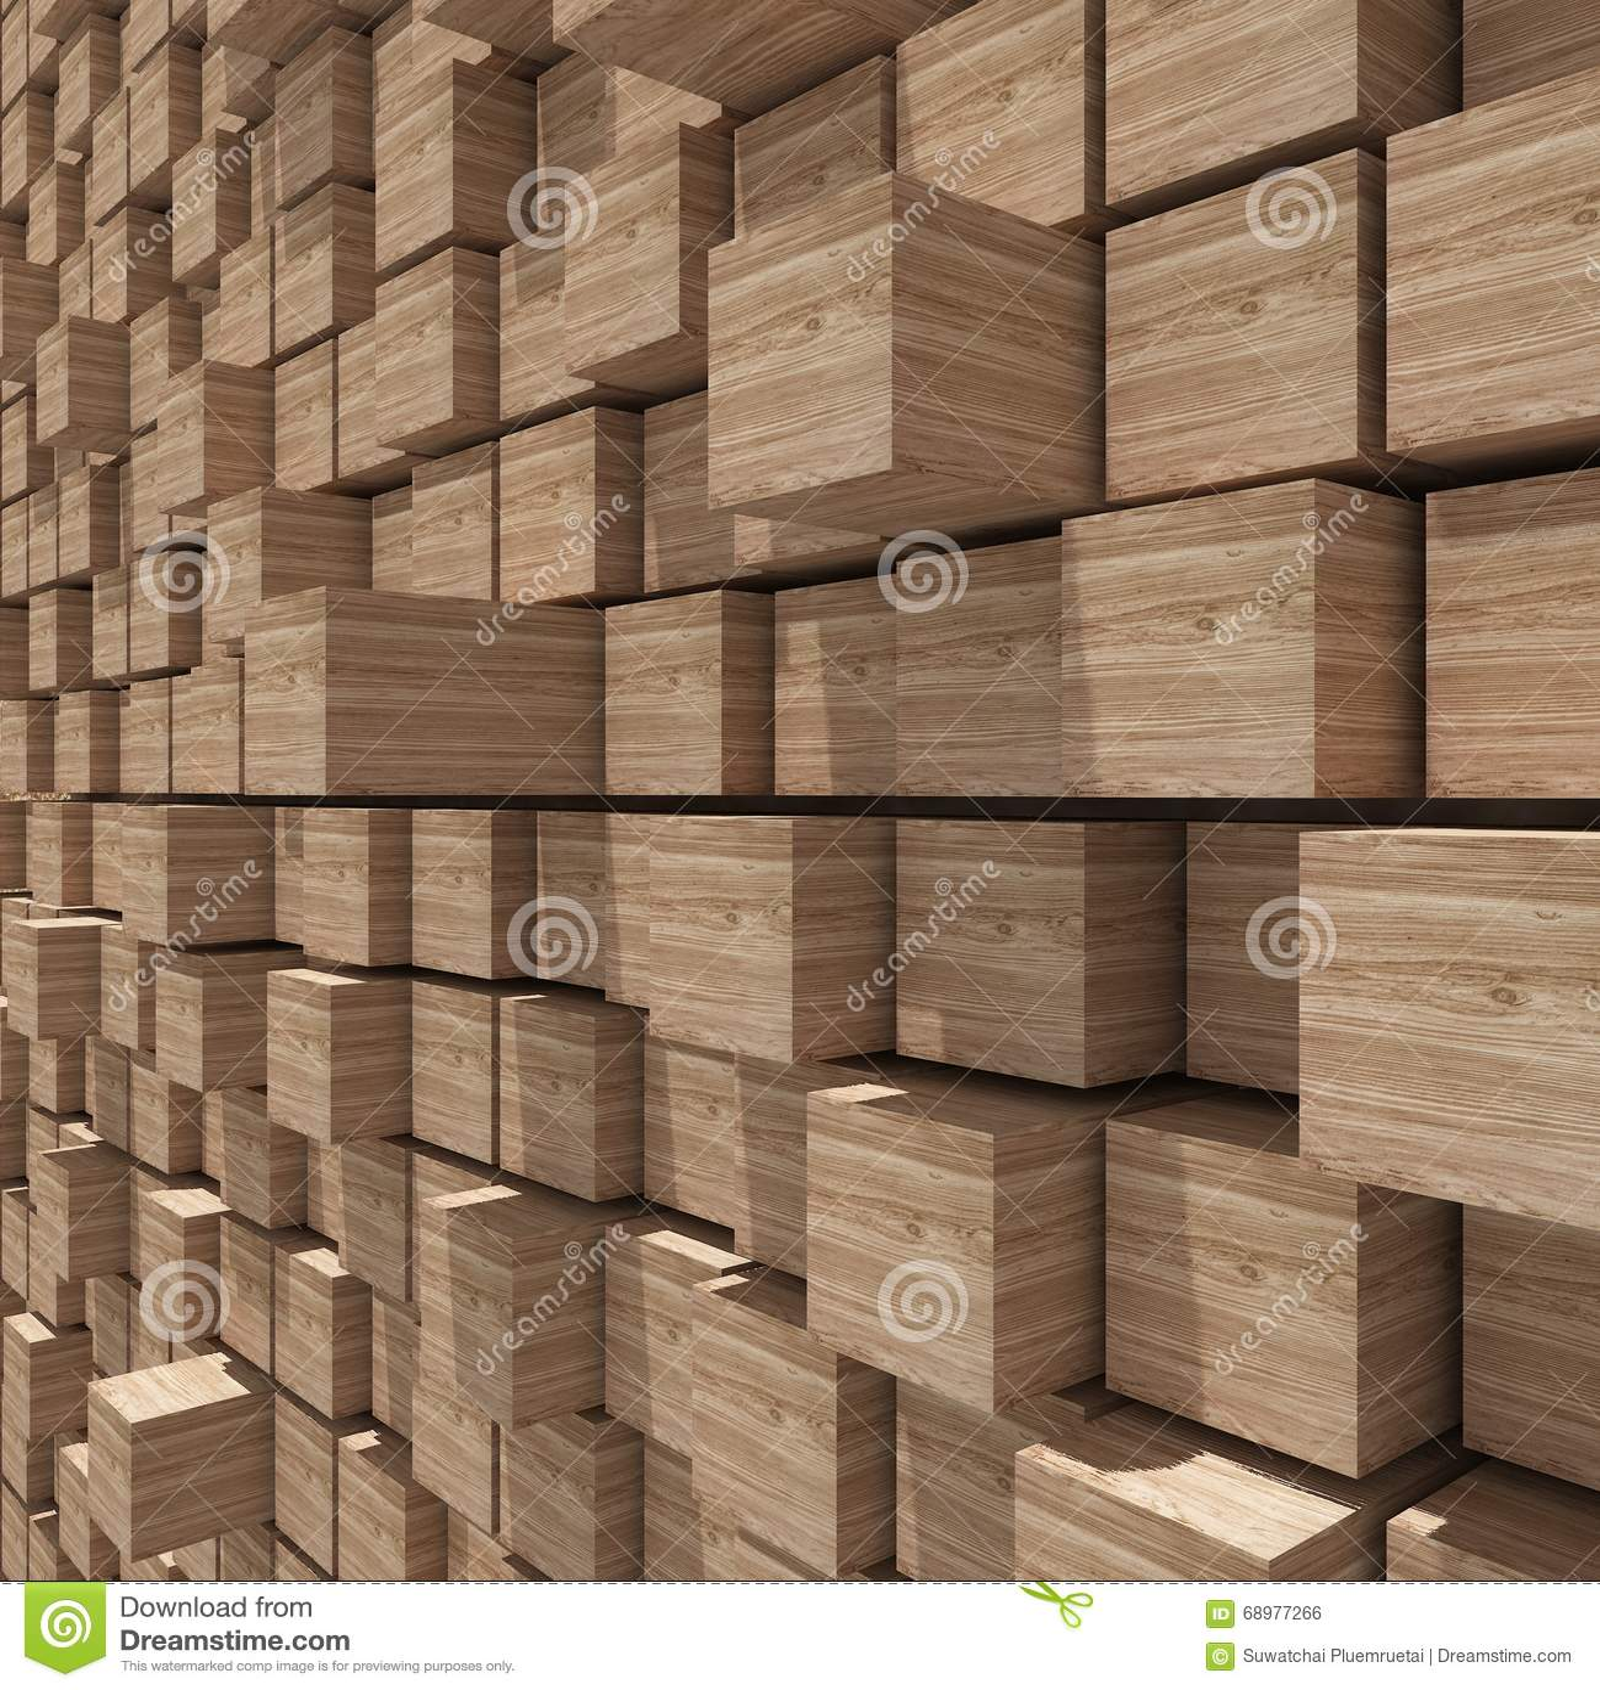 Representación 3d del fondo llano al azar cúbico de madera